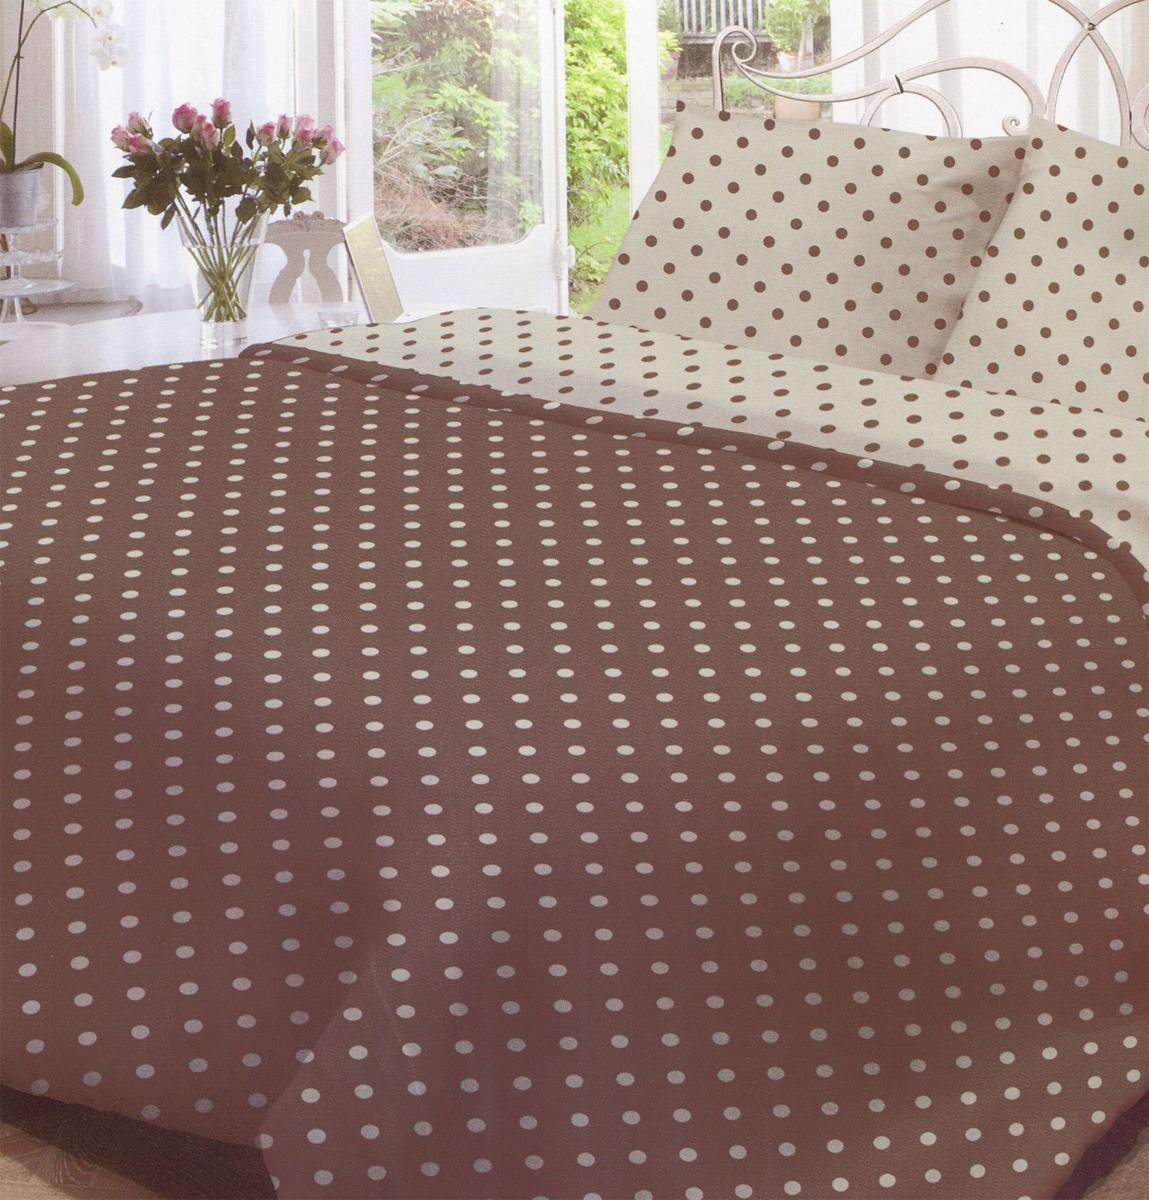 Комплект белья Нежность Мадлен, 2-спальный, наволочки 50x70, цвет: серый, коричневый191288Комплект белья Нежность Мадлена, изготовленный из бязи (100% хлопка), состоит из пододеяльника, простыни и двух наволочек. Бязевое постельное белье имеет самое простое полотняное переплетение из достаточно толстых, но мягких нитей. Стоит постельное белье из этой ткани не намного дороже поликоттона или полиэфира, но приятней на ощупь и лучше пропускает воздух. Благодаря современным технологиям окраски, белье не теряет свой цвет даже после множества стирок. Рекомендации по уходу: - Стирка при температуре не более 60°С, - Не отбеливать, - Можно гладить, - Химчистка запрещена.